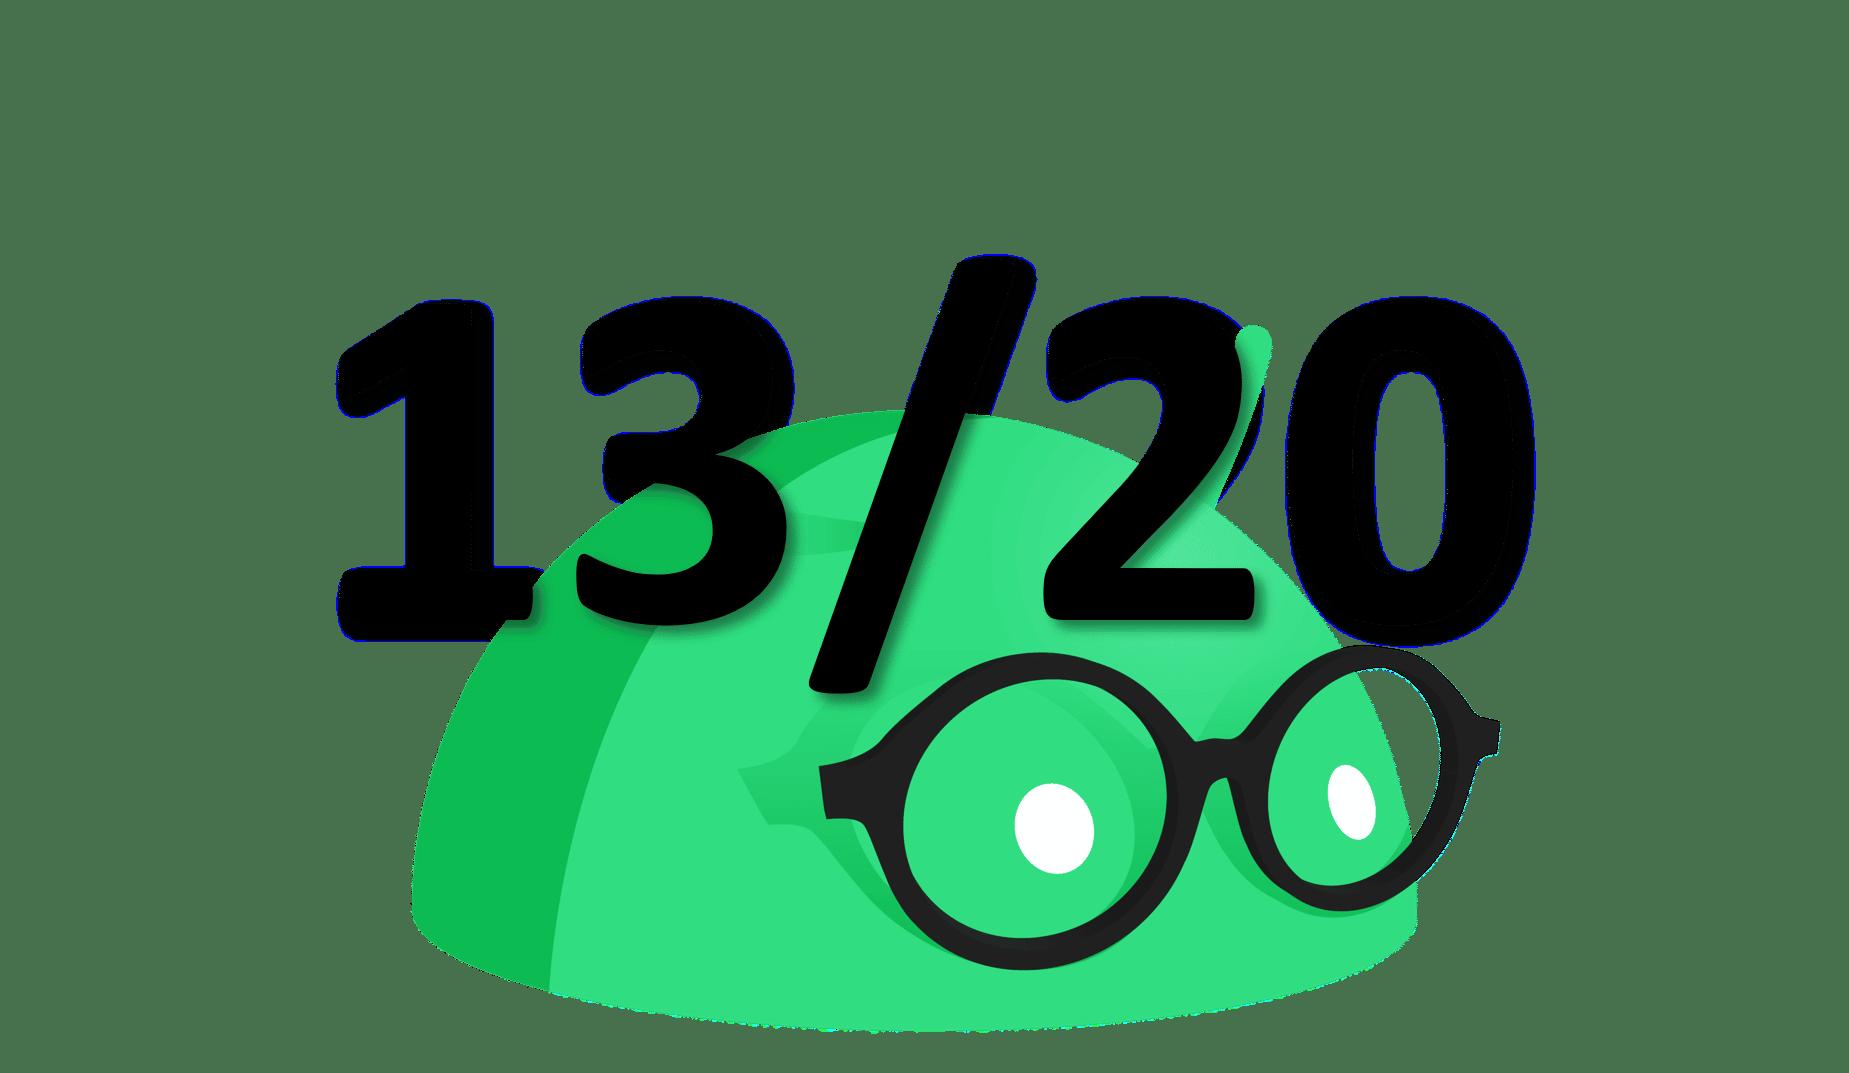 13 sur 20 Note Droidsoft